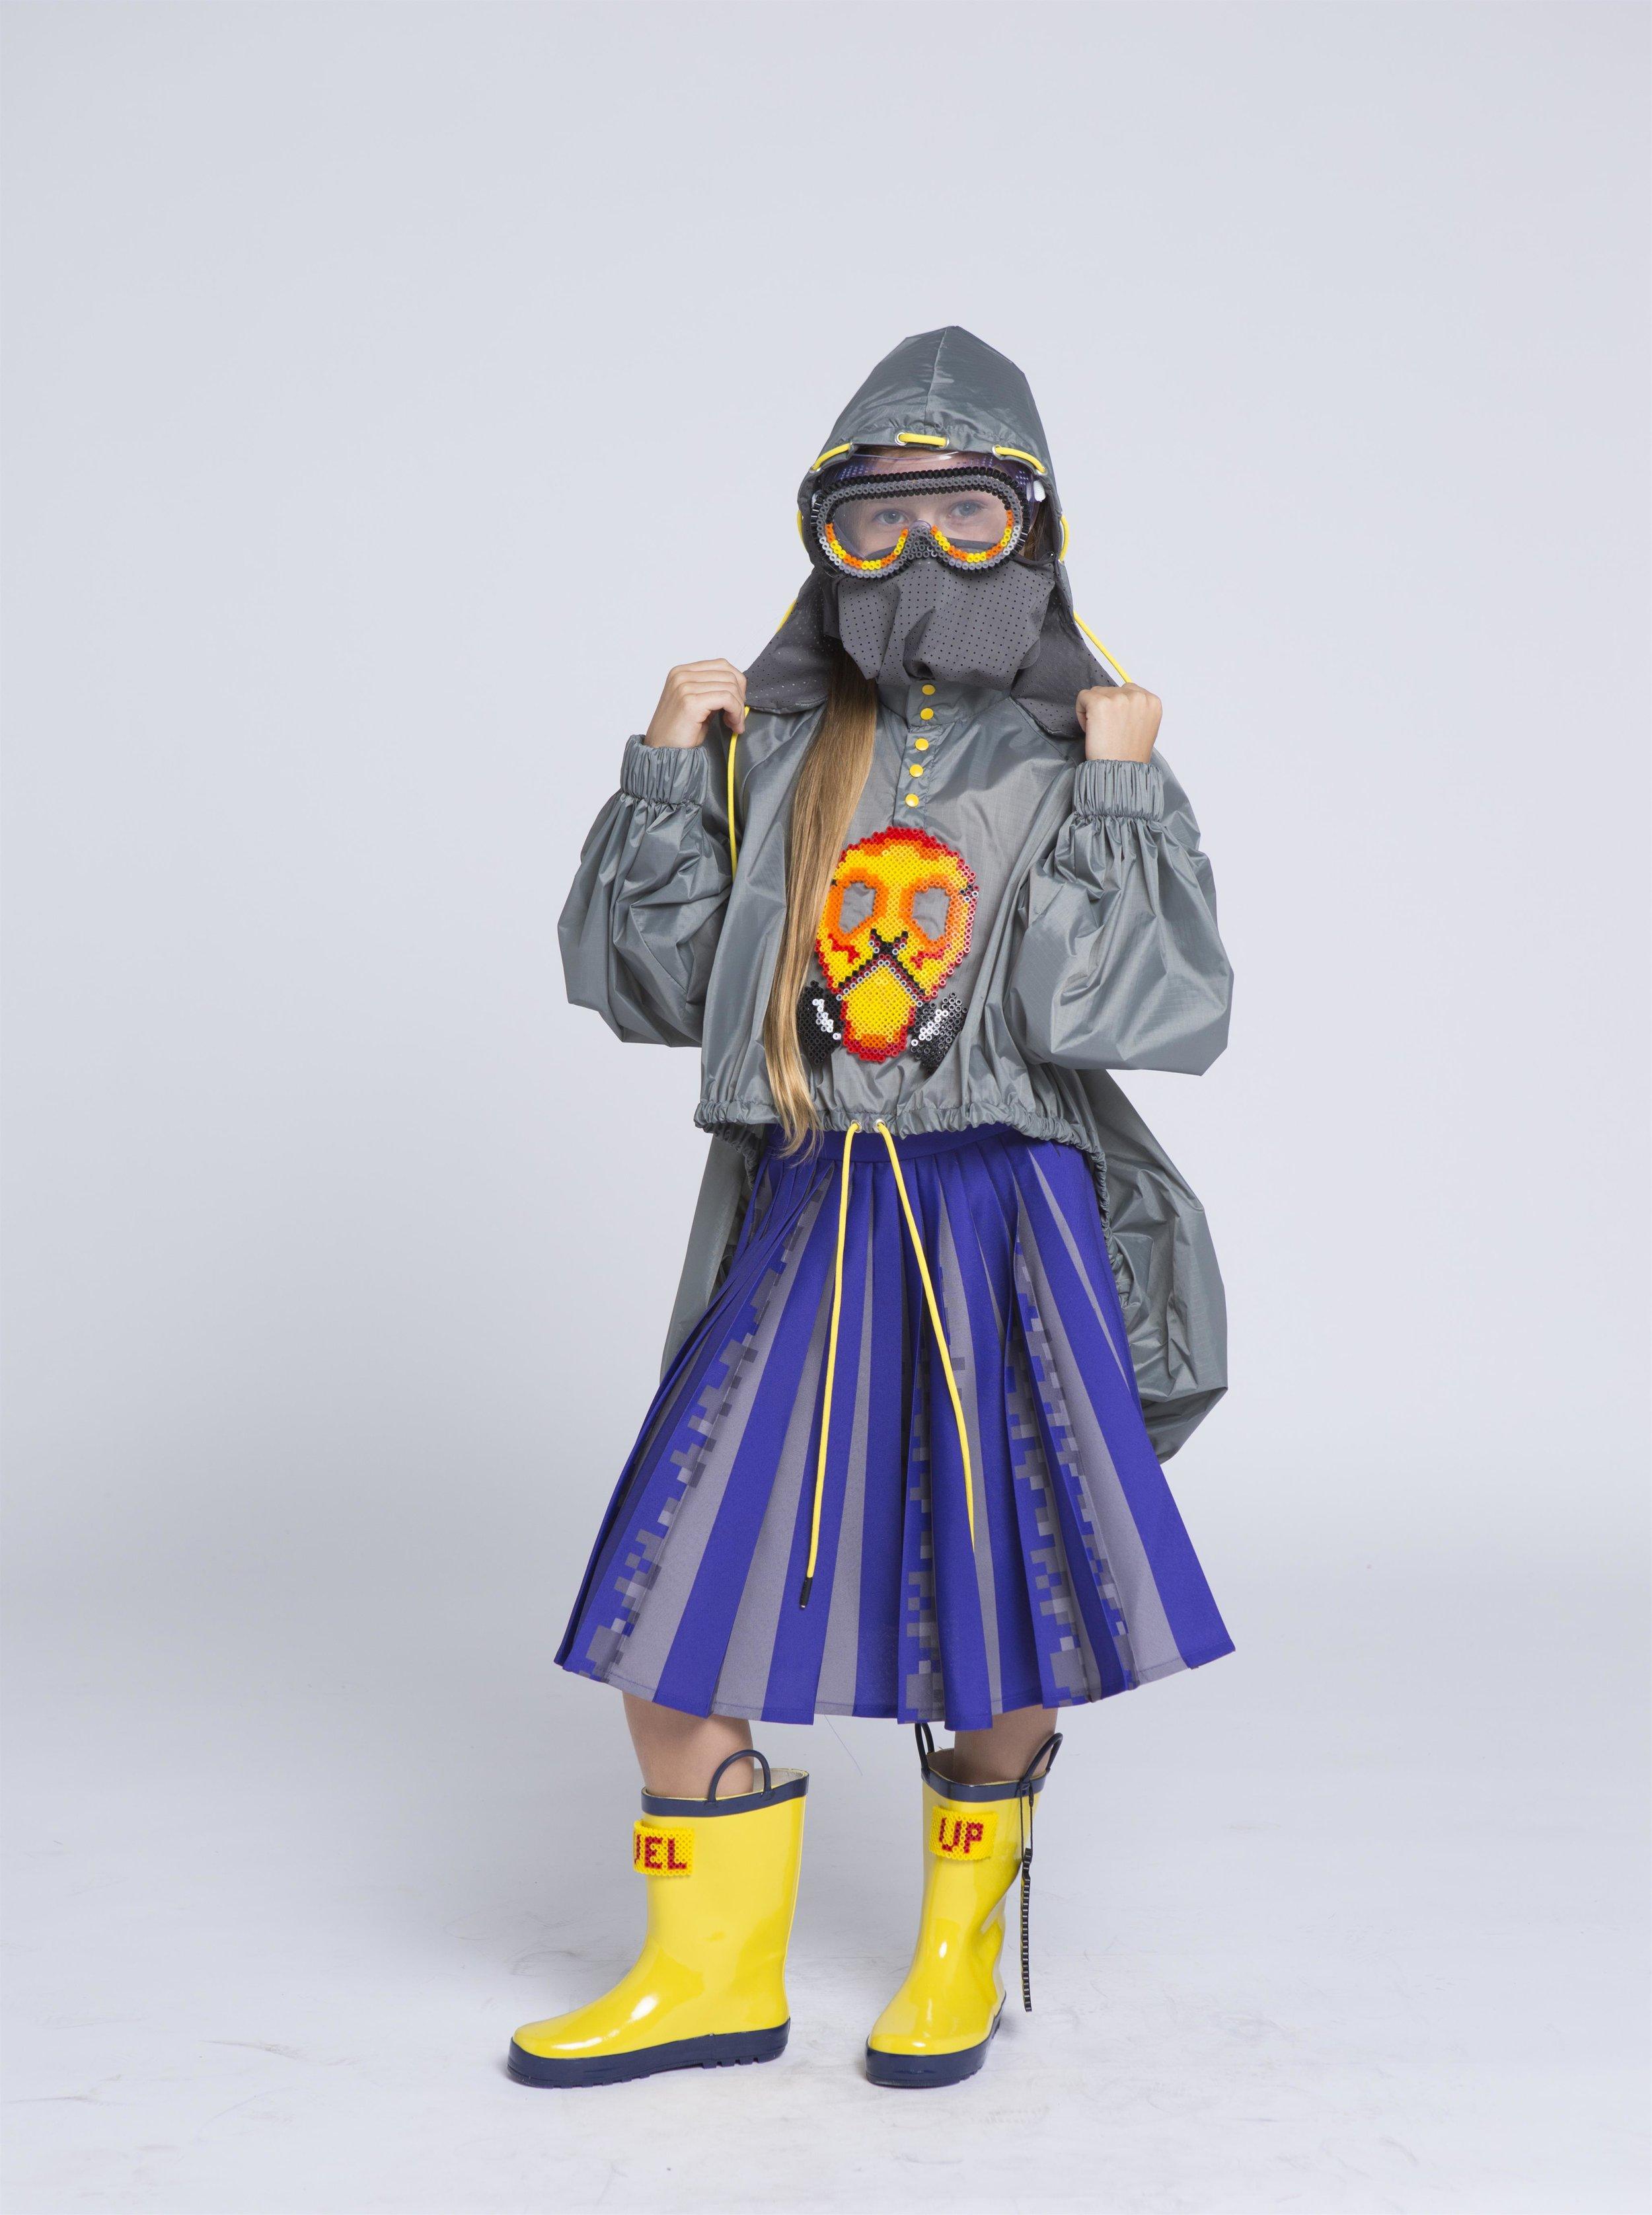 דפנה גולוב - 10110101 שחקן נכוןקולקציית ילדים המושאלים ממשחקי הווידאו הראשונים בשילוב ניילון עכשווי, רקמות של חרוזי גיהוץ והדפסים